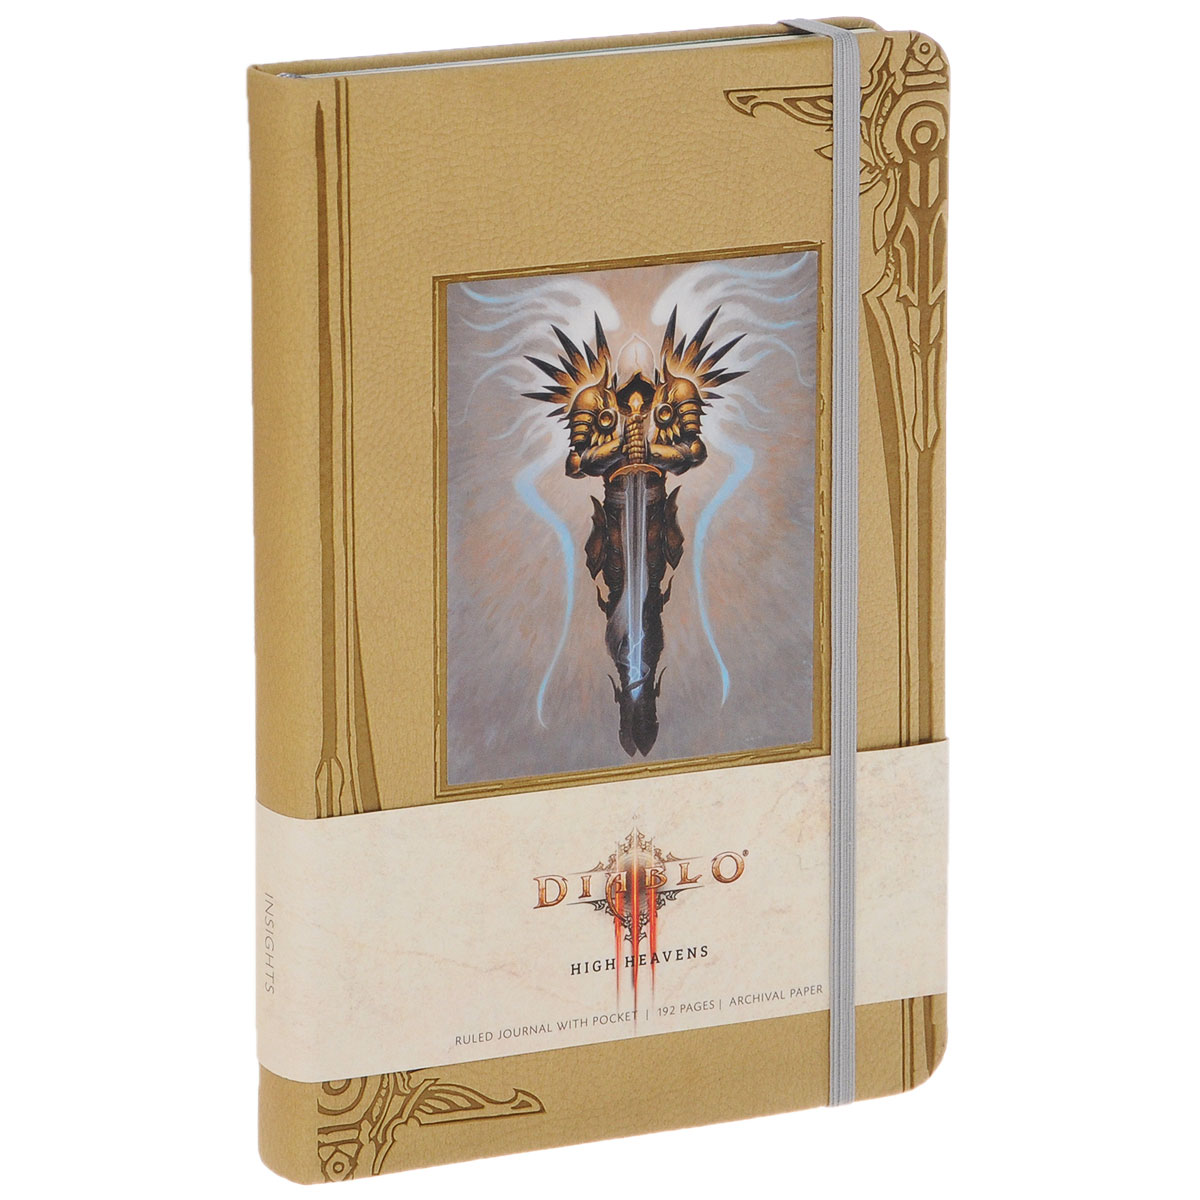 Diablo High Heavens: Ruled Journal diablo sword of justice